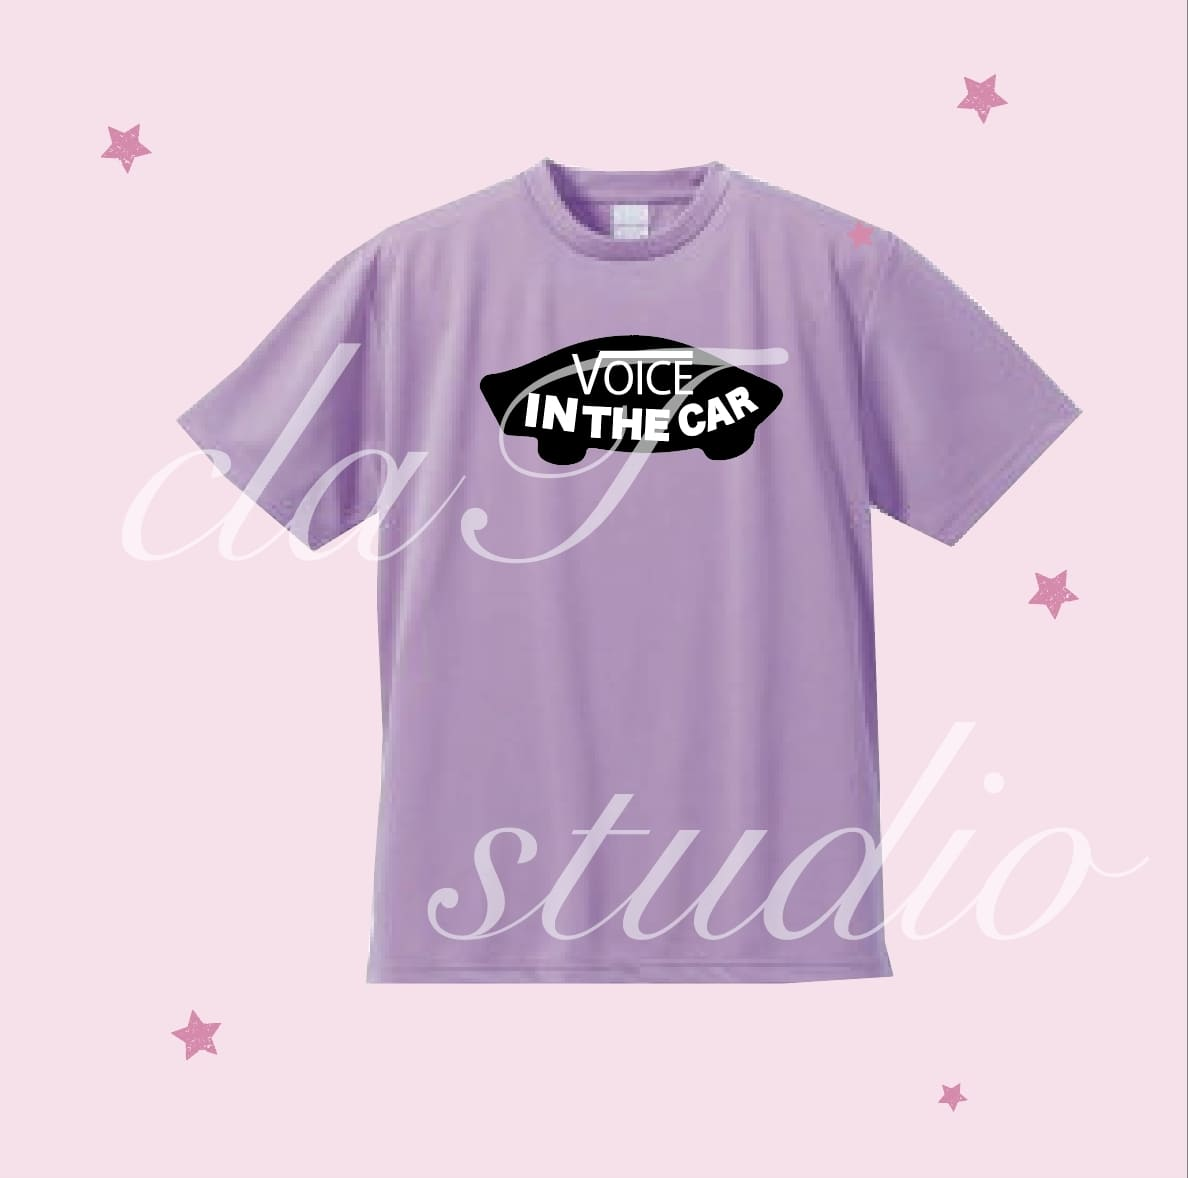 VansのクラスTシャツデザインa